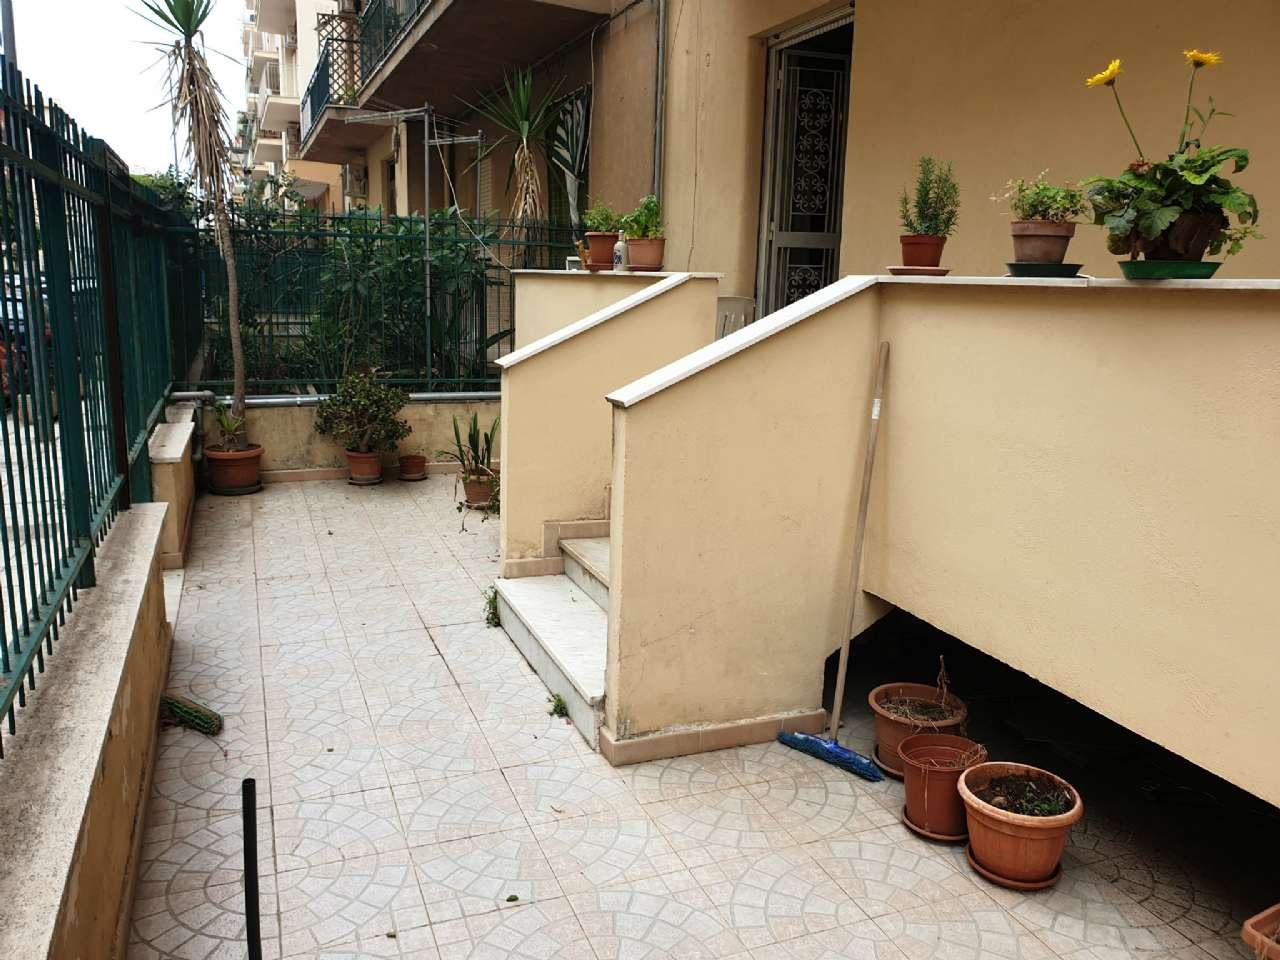 Trilocale, Via Lo Monaco Ciaccio Antonino, Zona Uditore, Palermo, foto 9